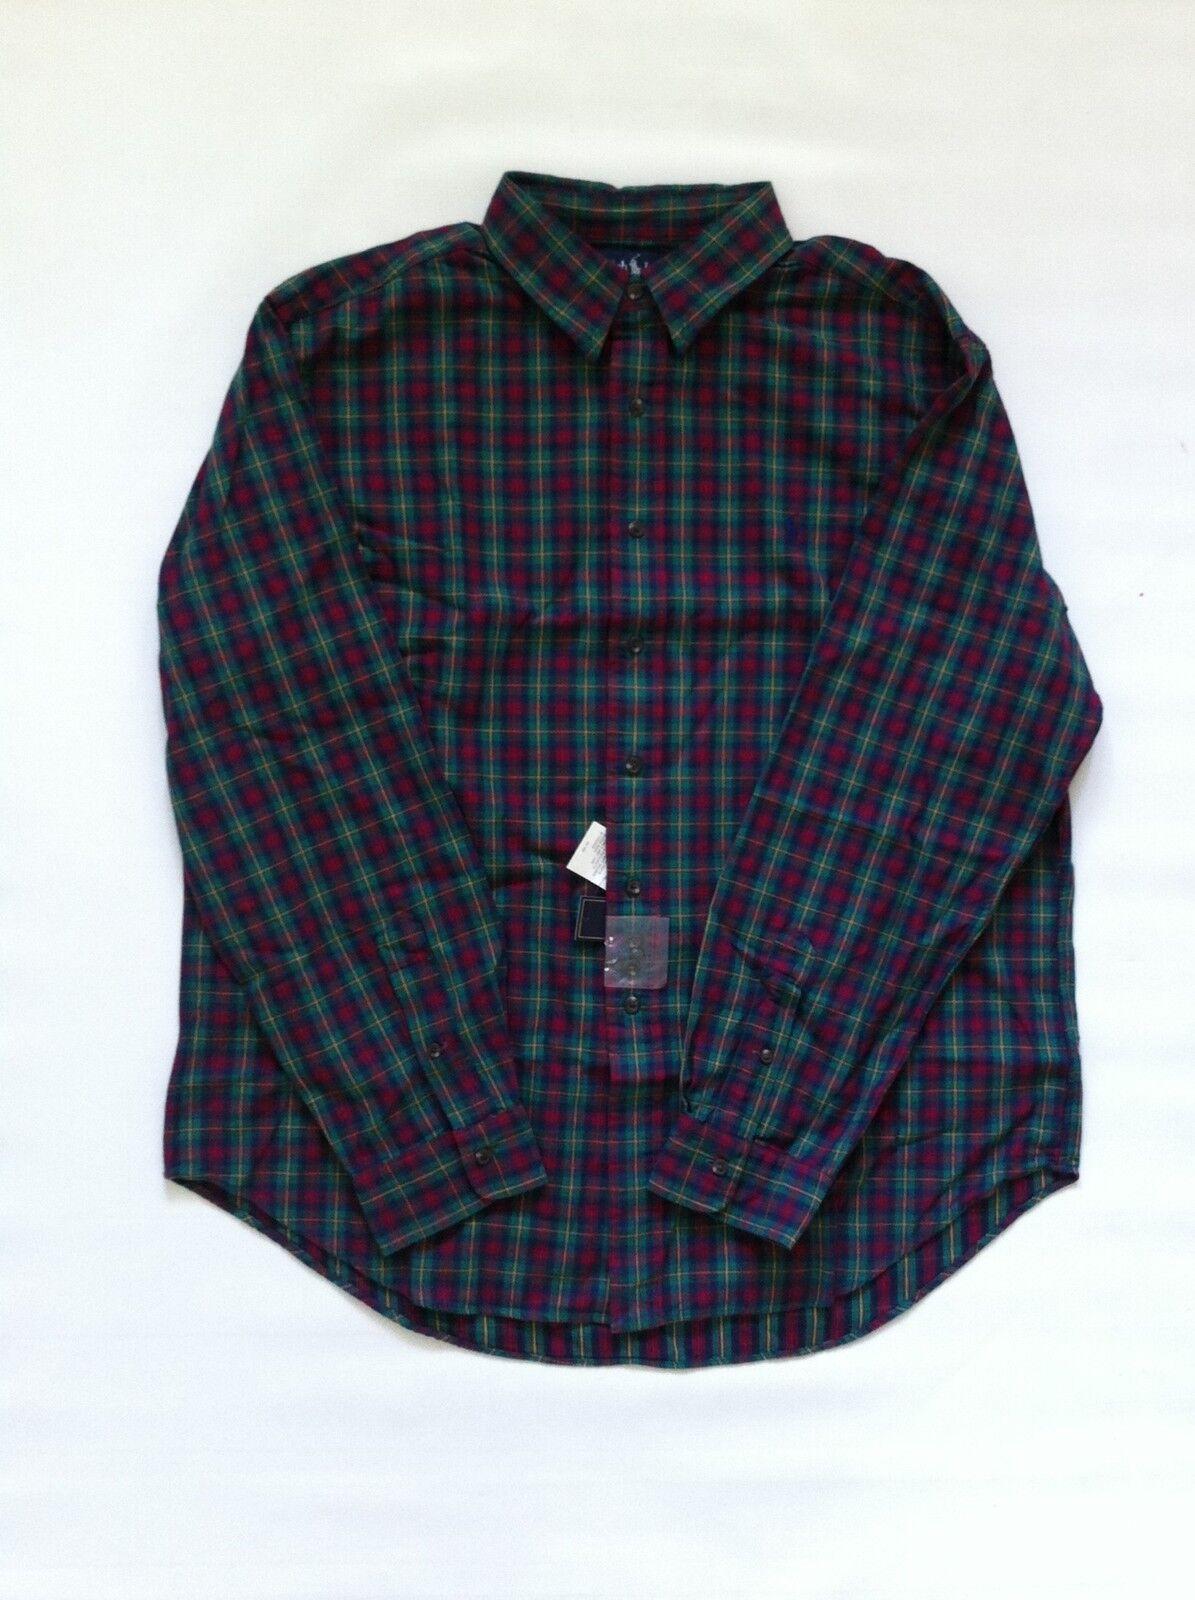 BNWT RALPH LAUREN Classic Fit Button Front Shirt Sz XL